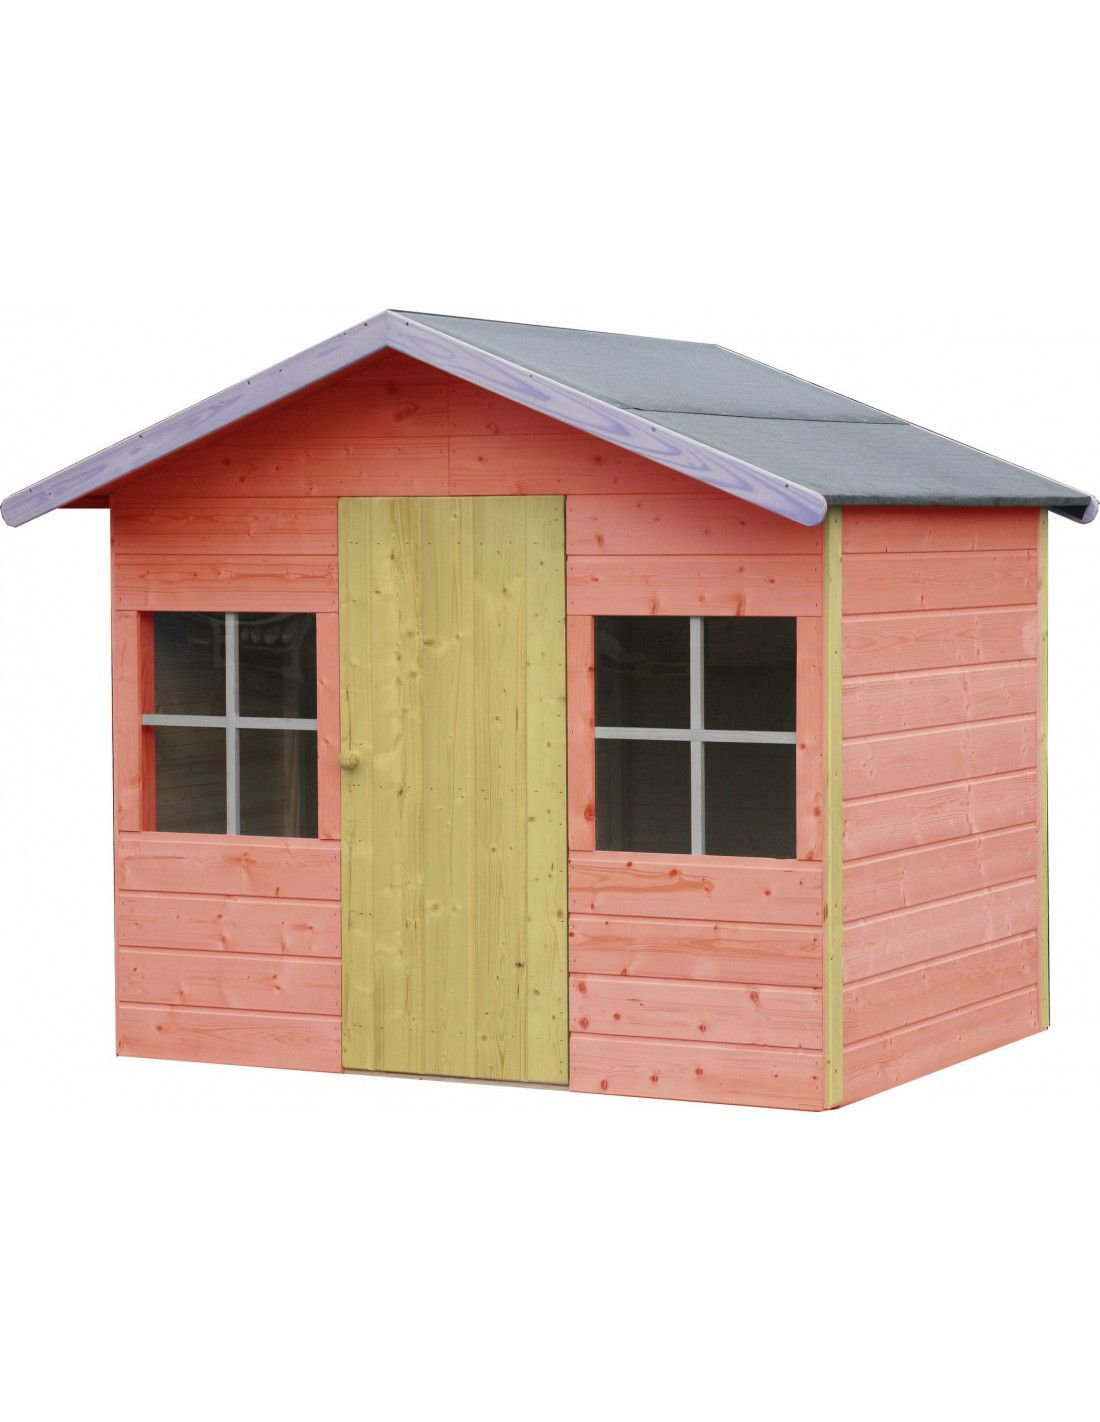 Casita madera infantil balu for Casitas de madera para ninos economicas